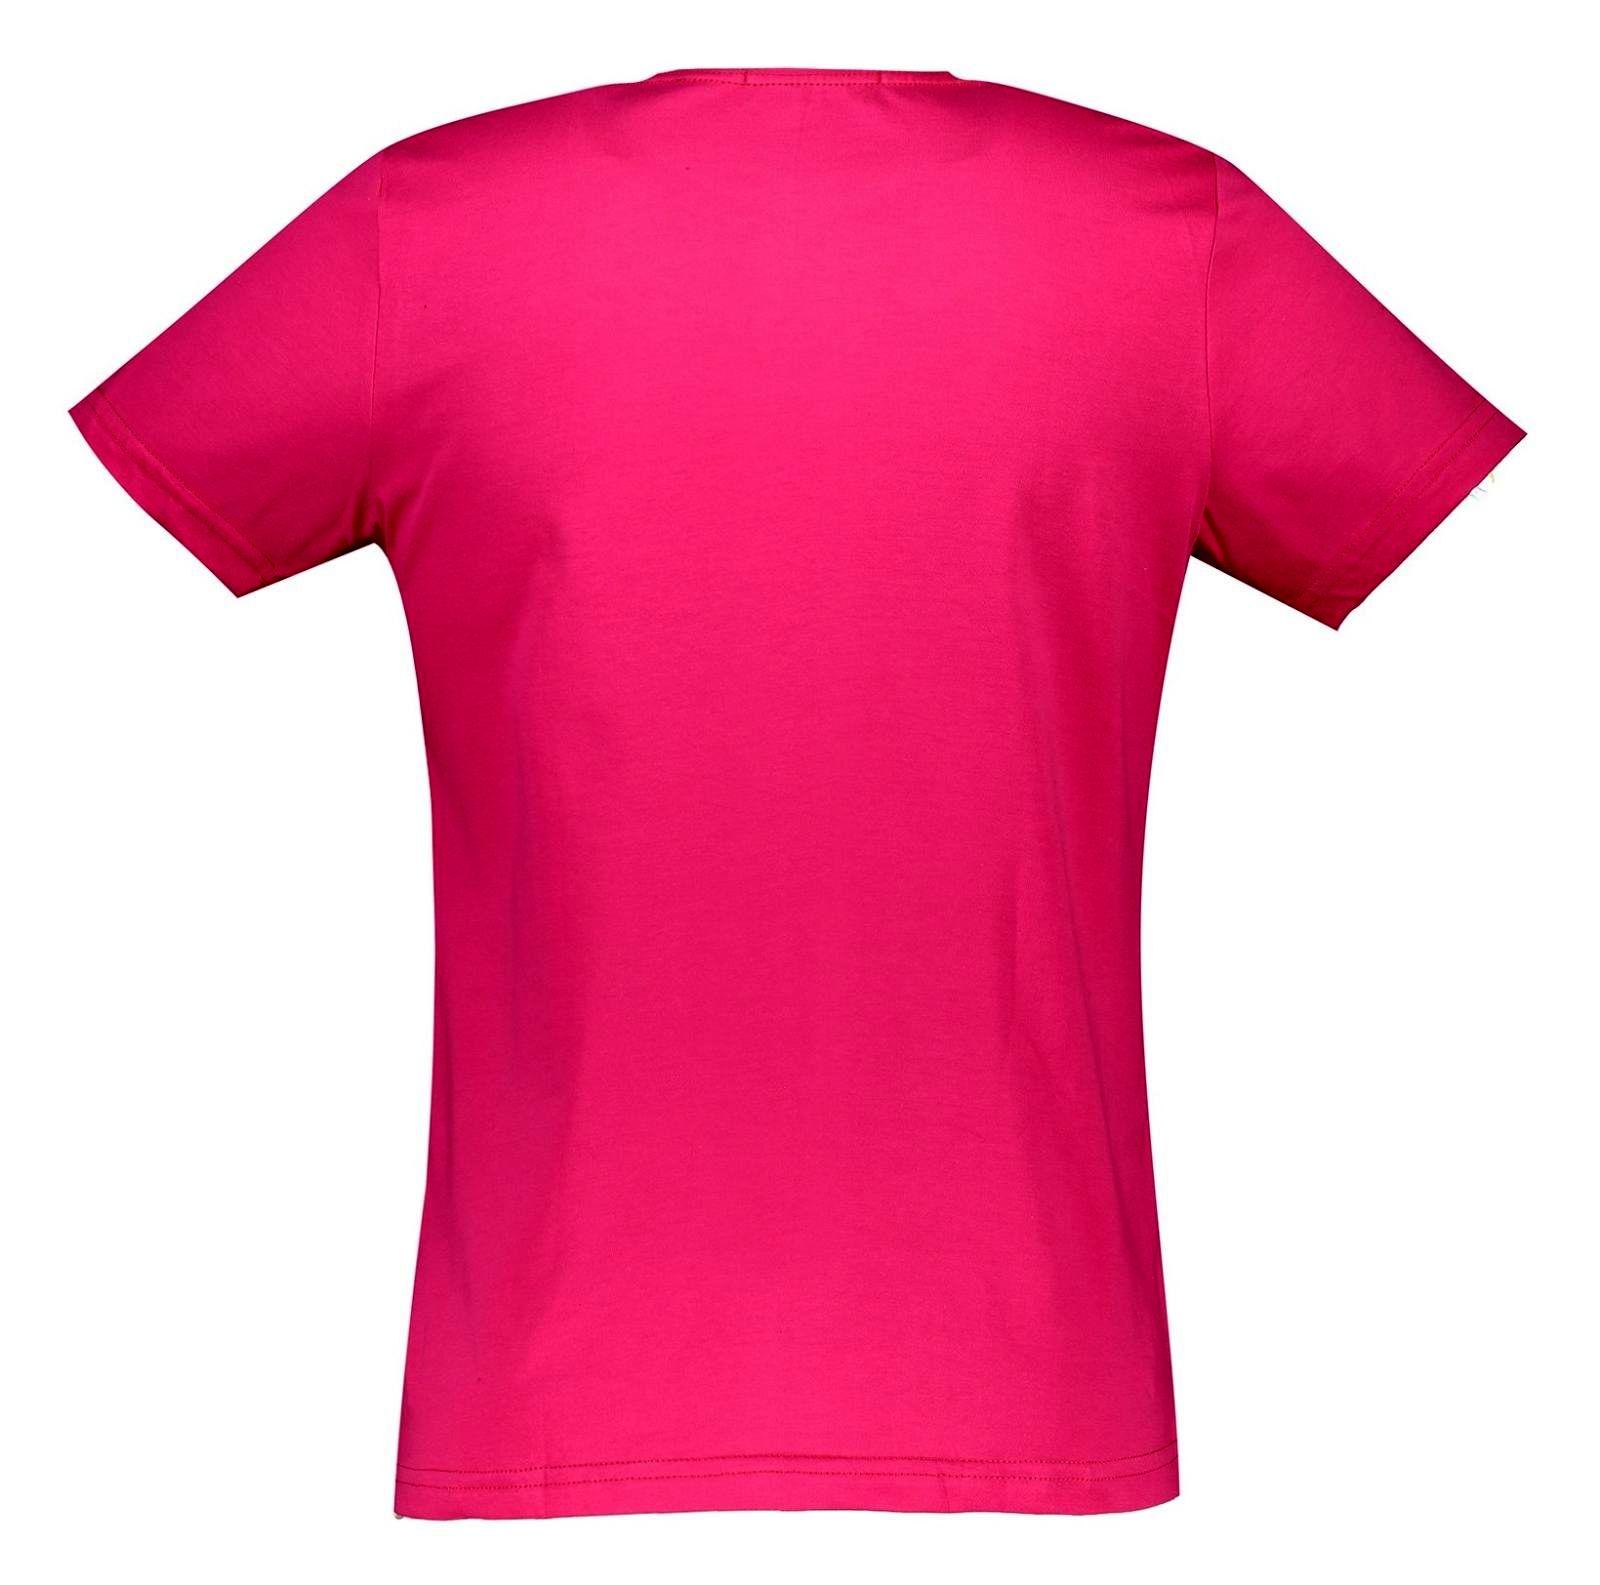 رنگ لباس تان در مورد شخصیت تان چه میگوید؟